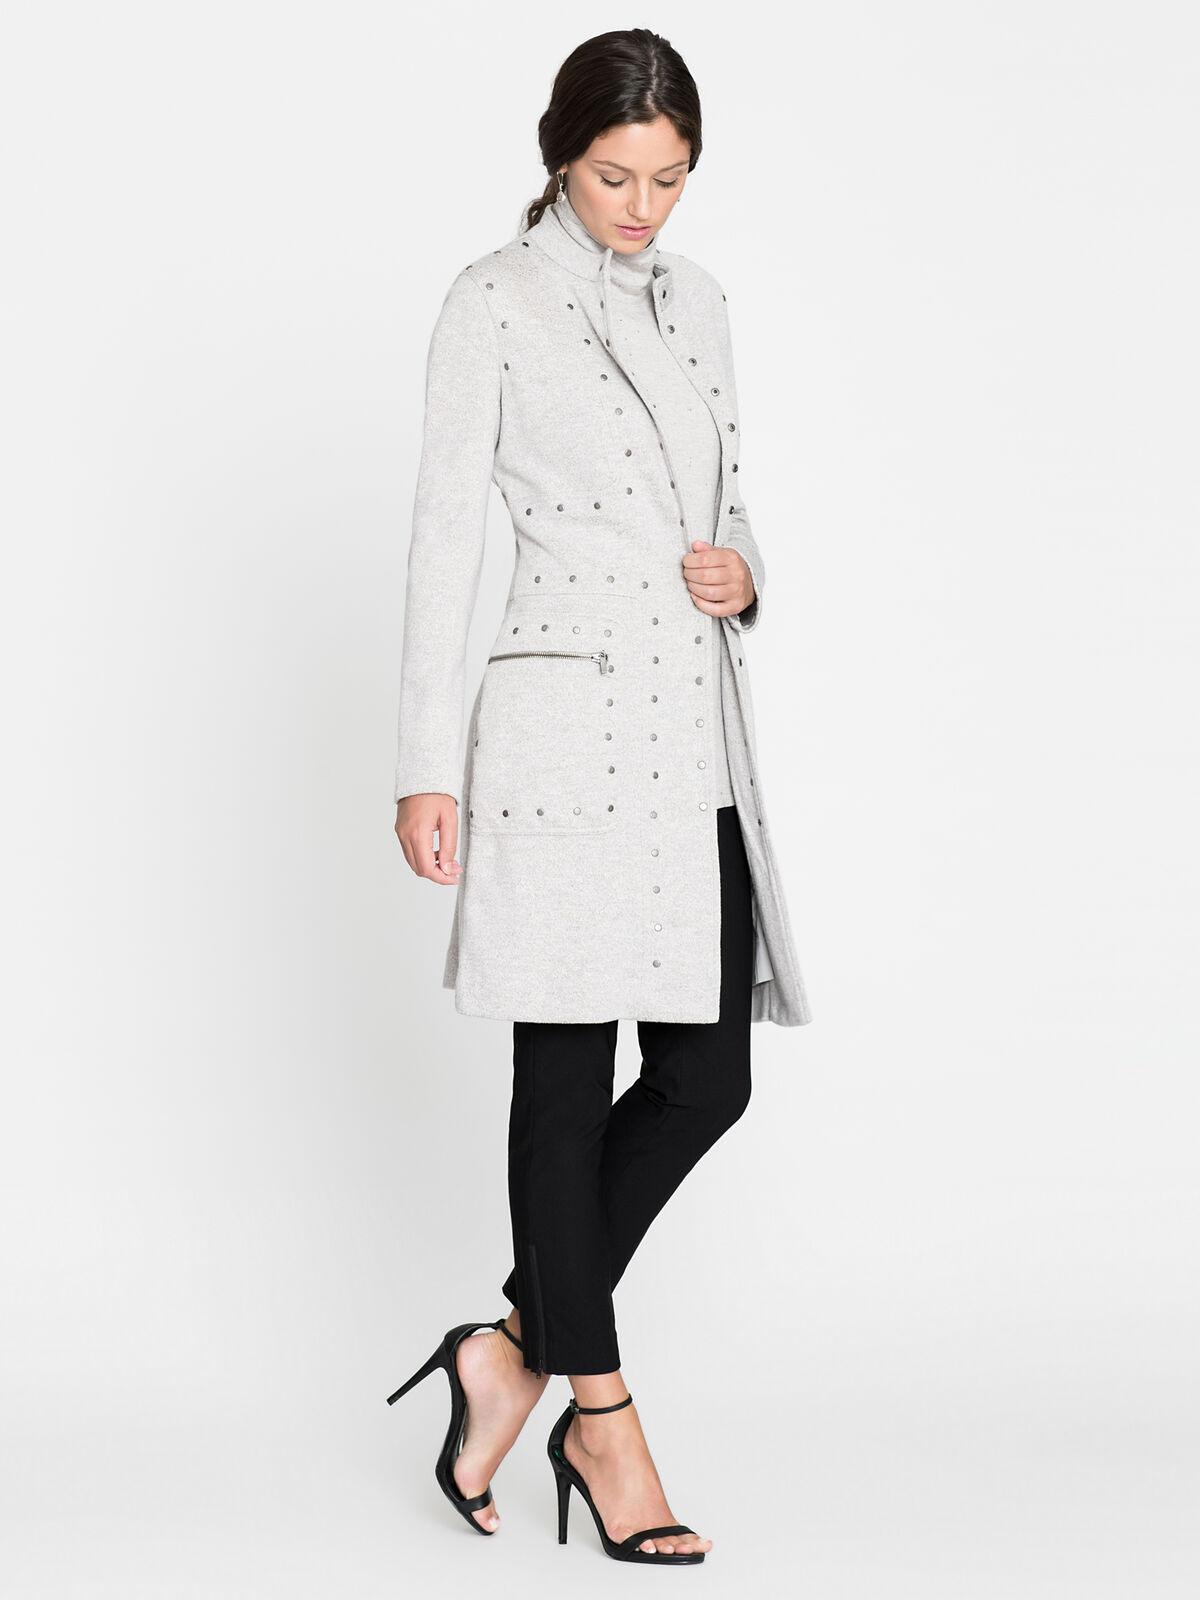 Studded Up Jacket